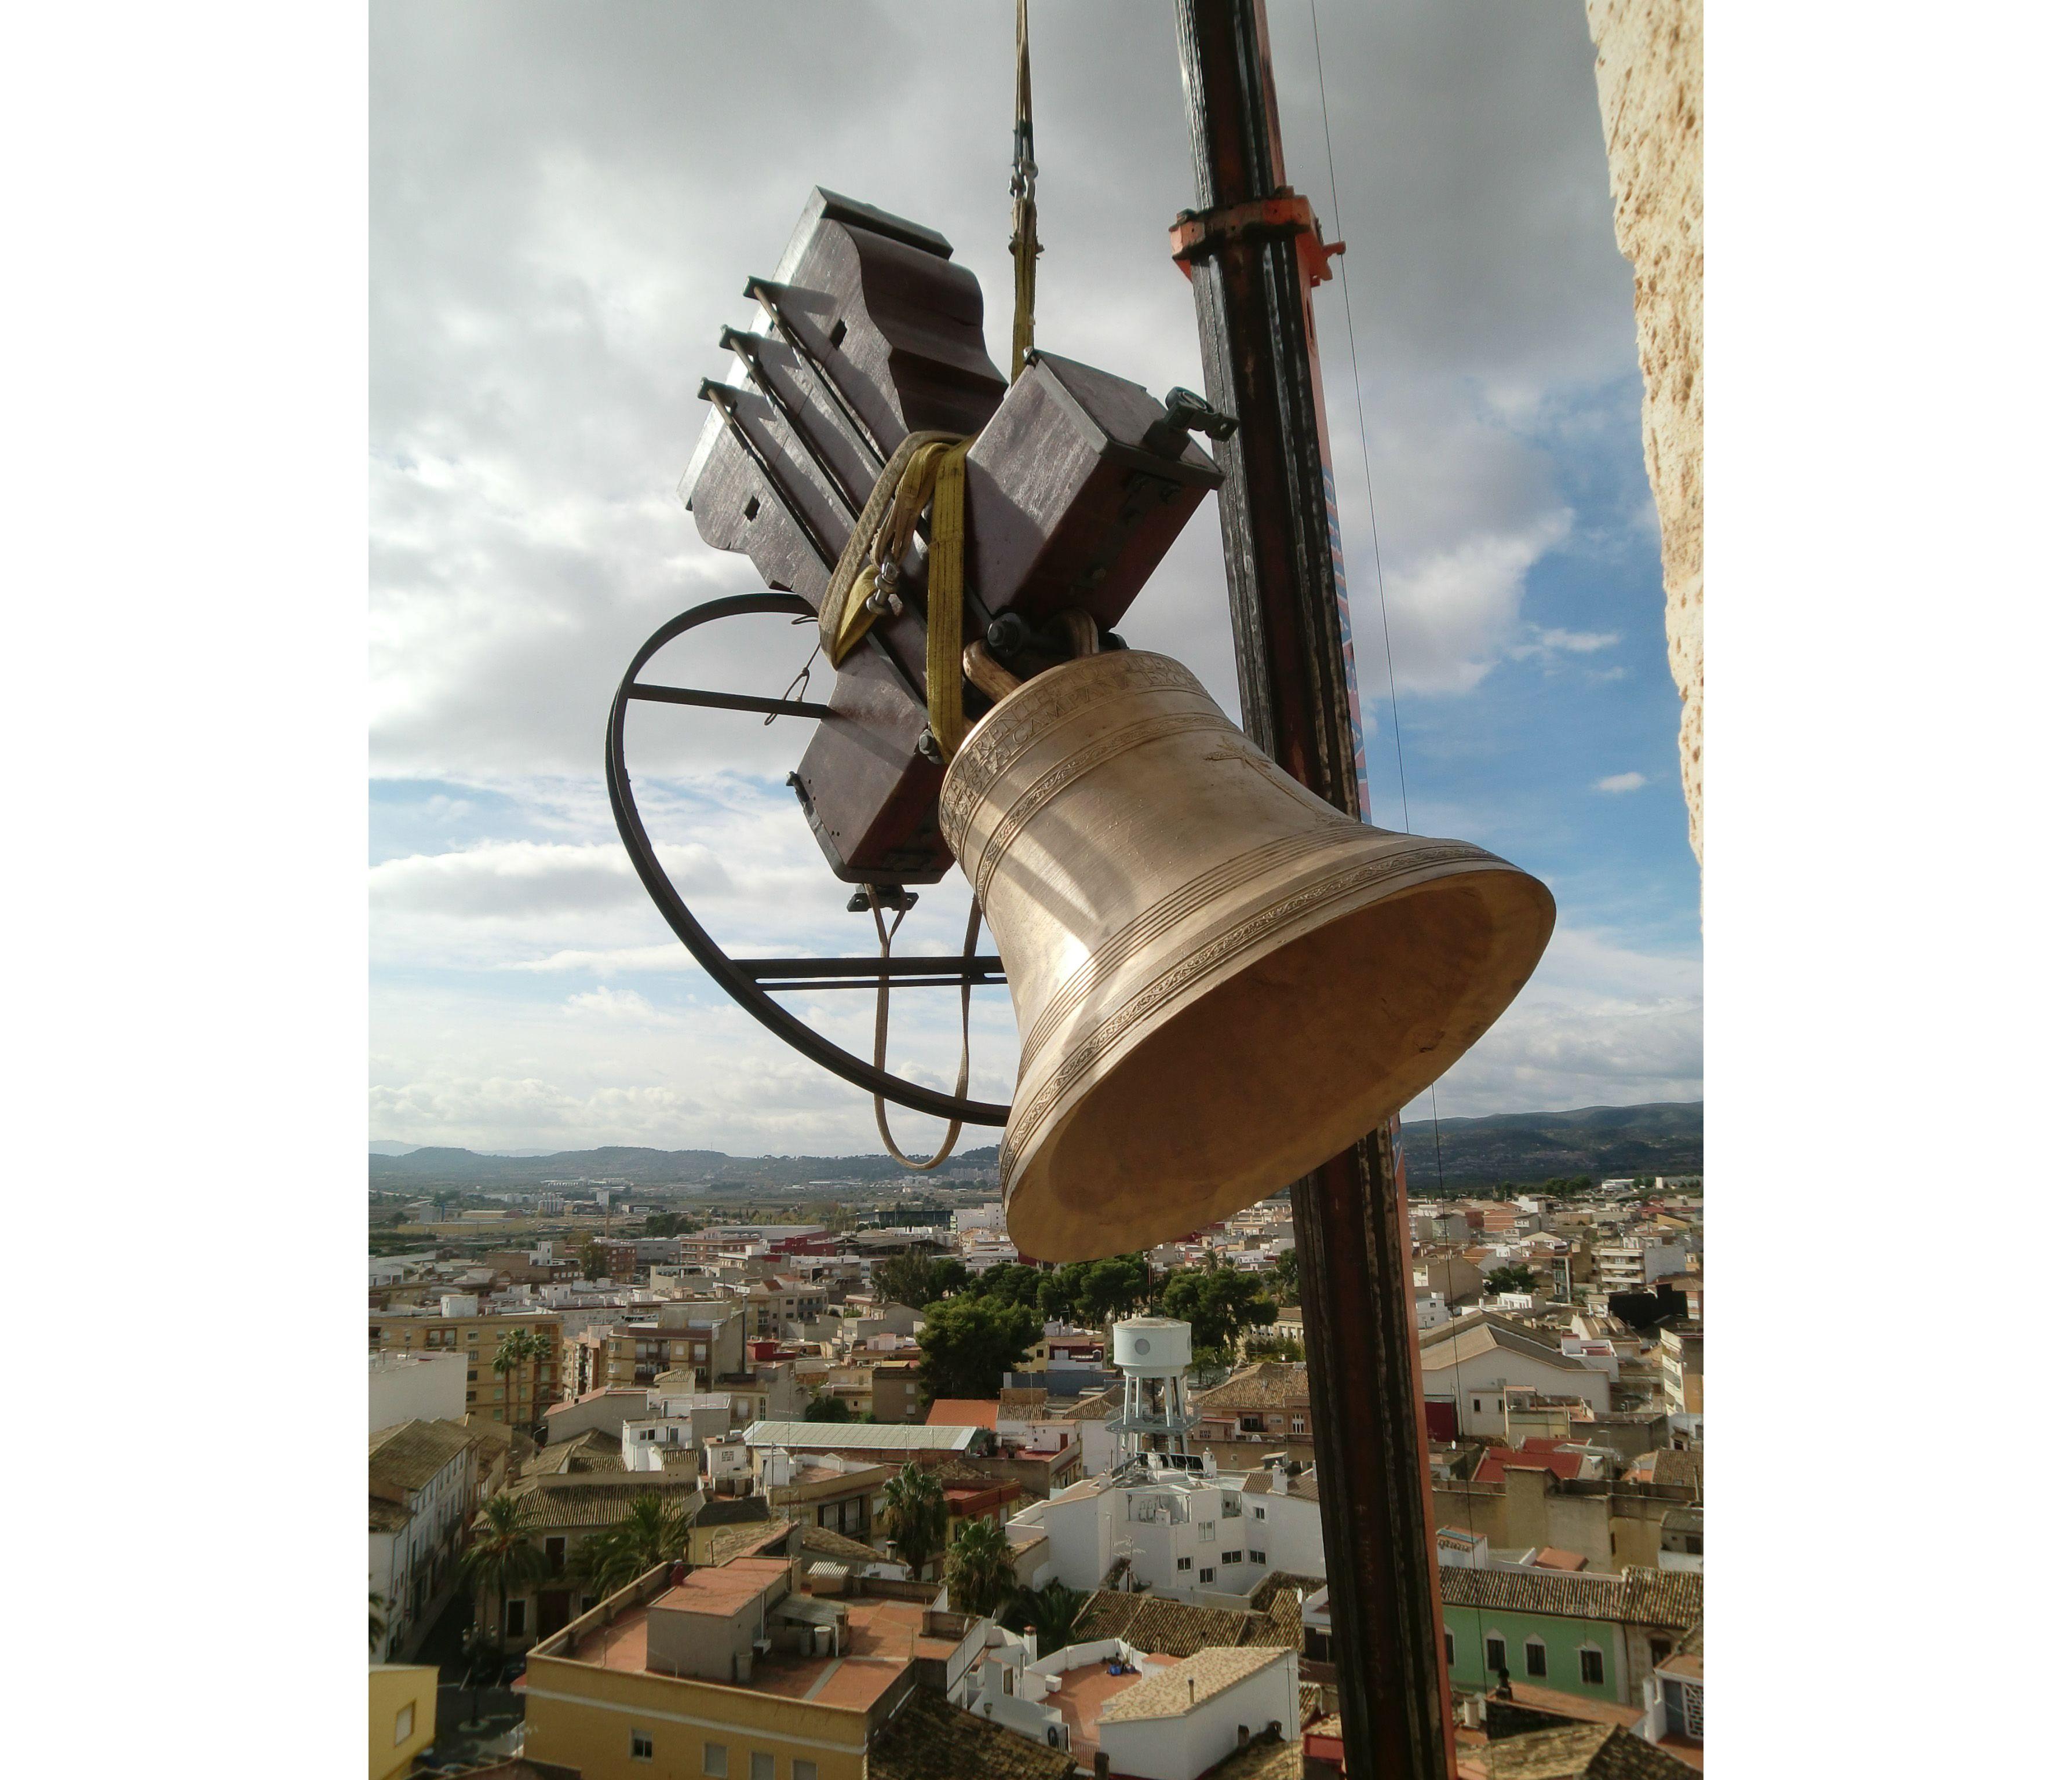 Montaje de campanas en la iglesia de Cheste